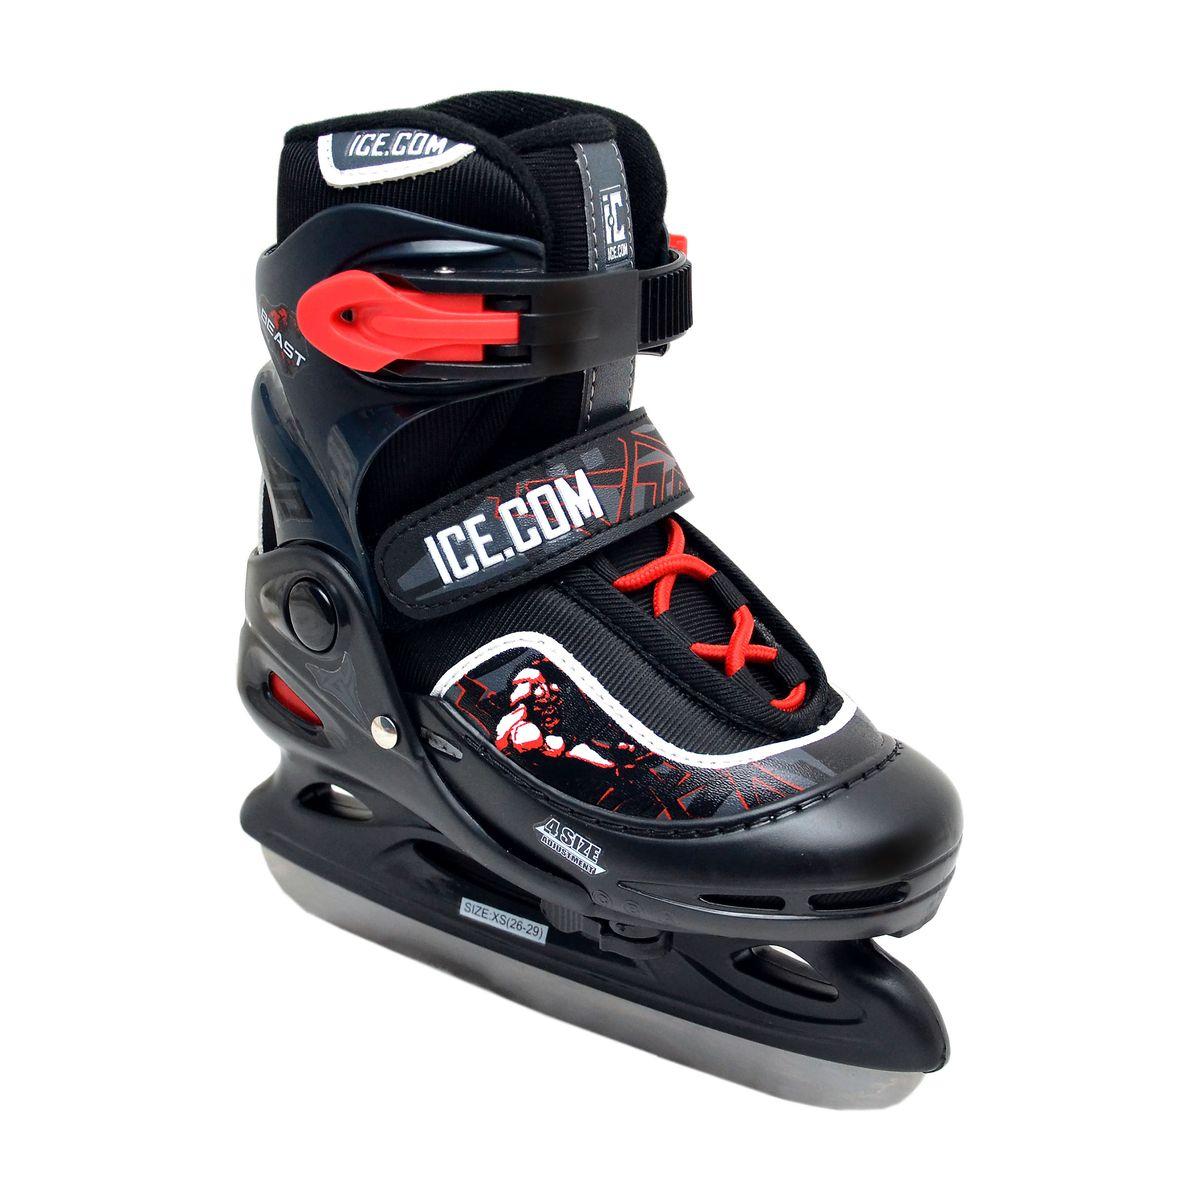 Коньки ледовые для мальчика Ice.Com Beast, раздвижные, цвет: черный, красный. Размер 26/29